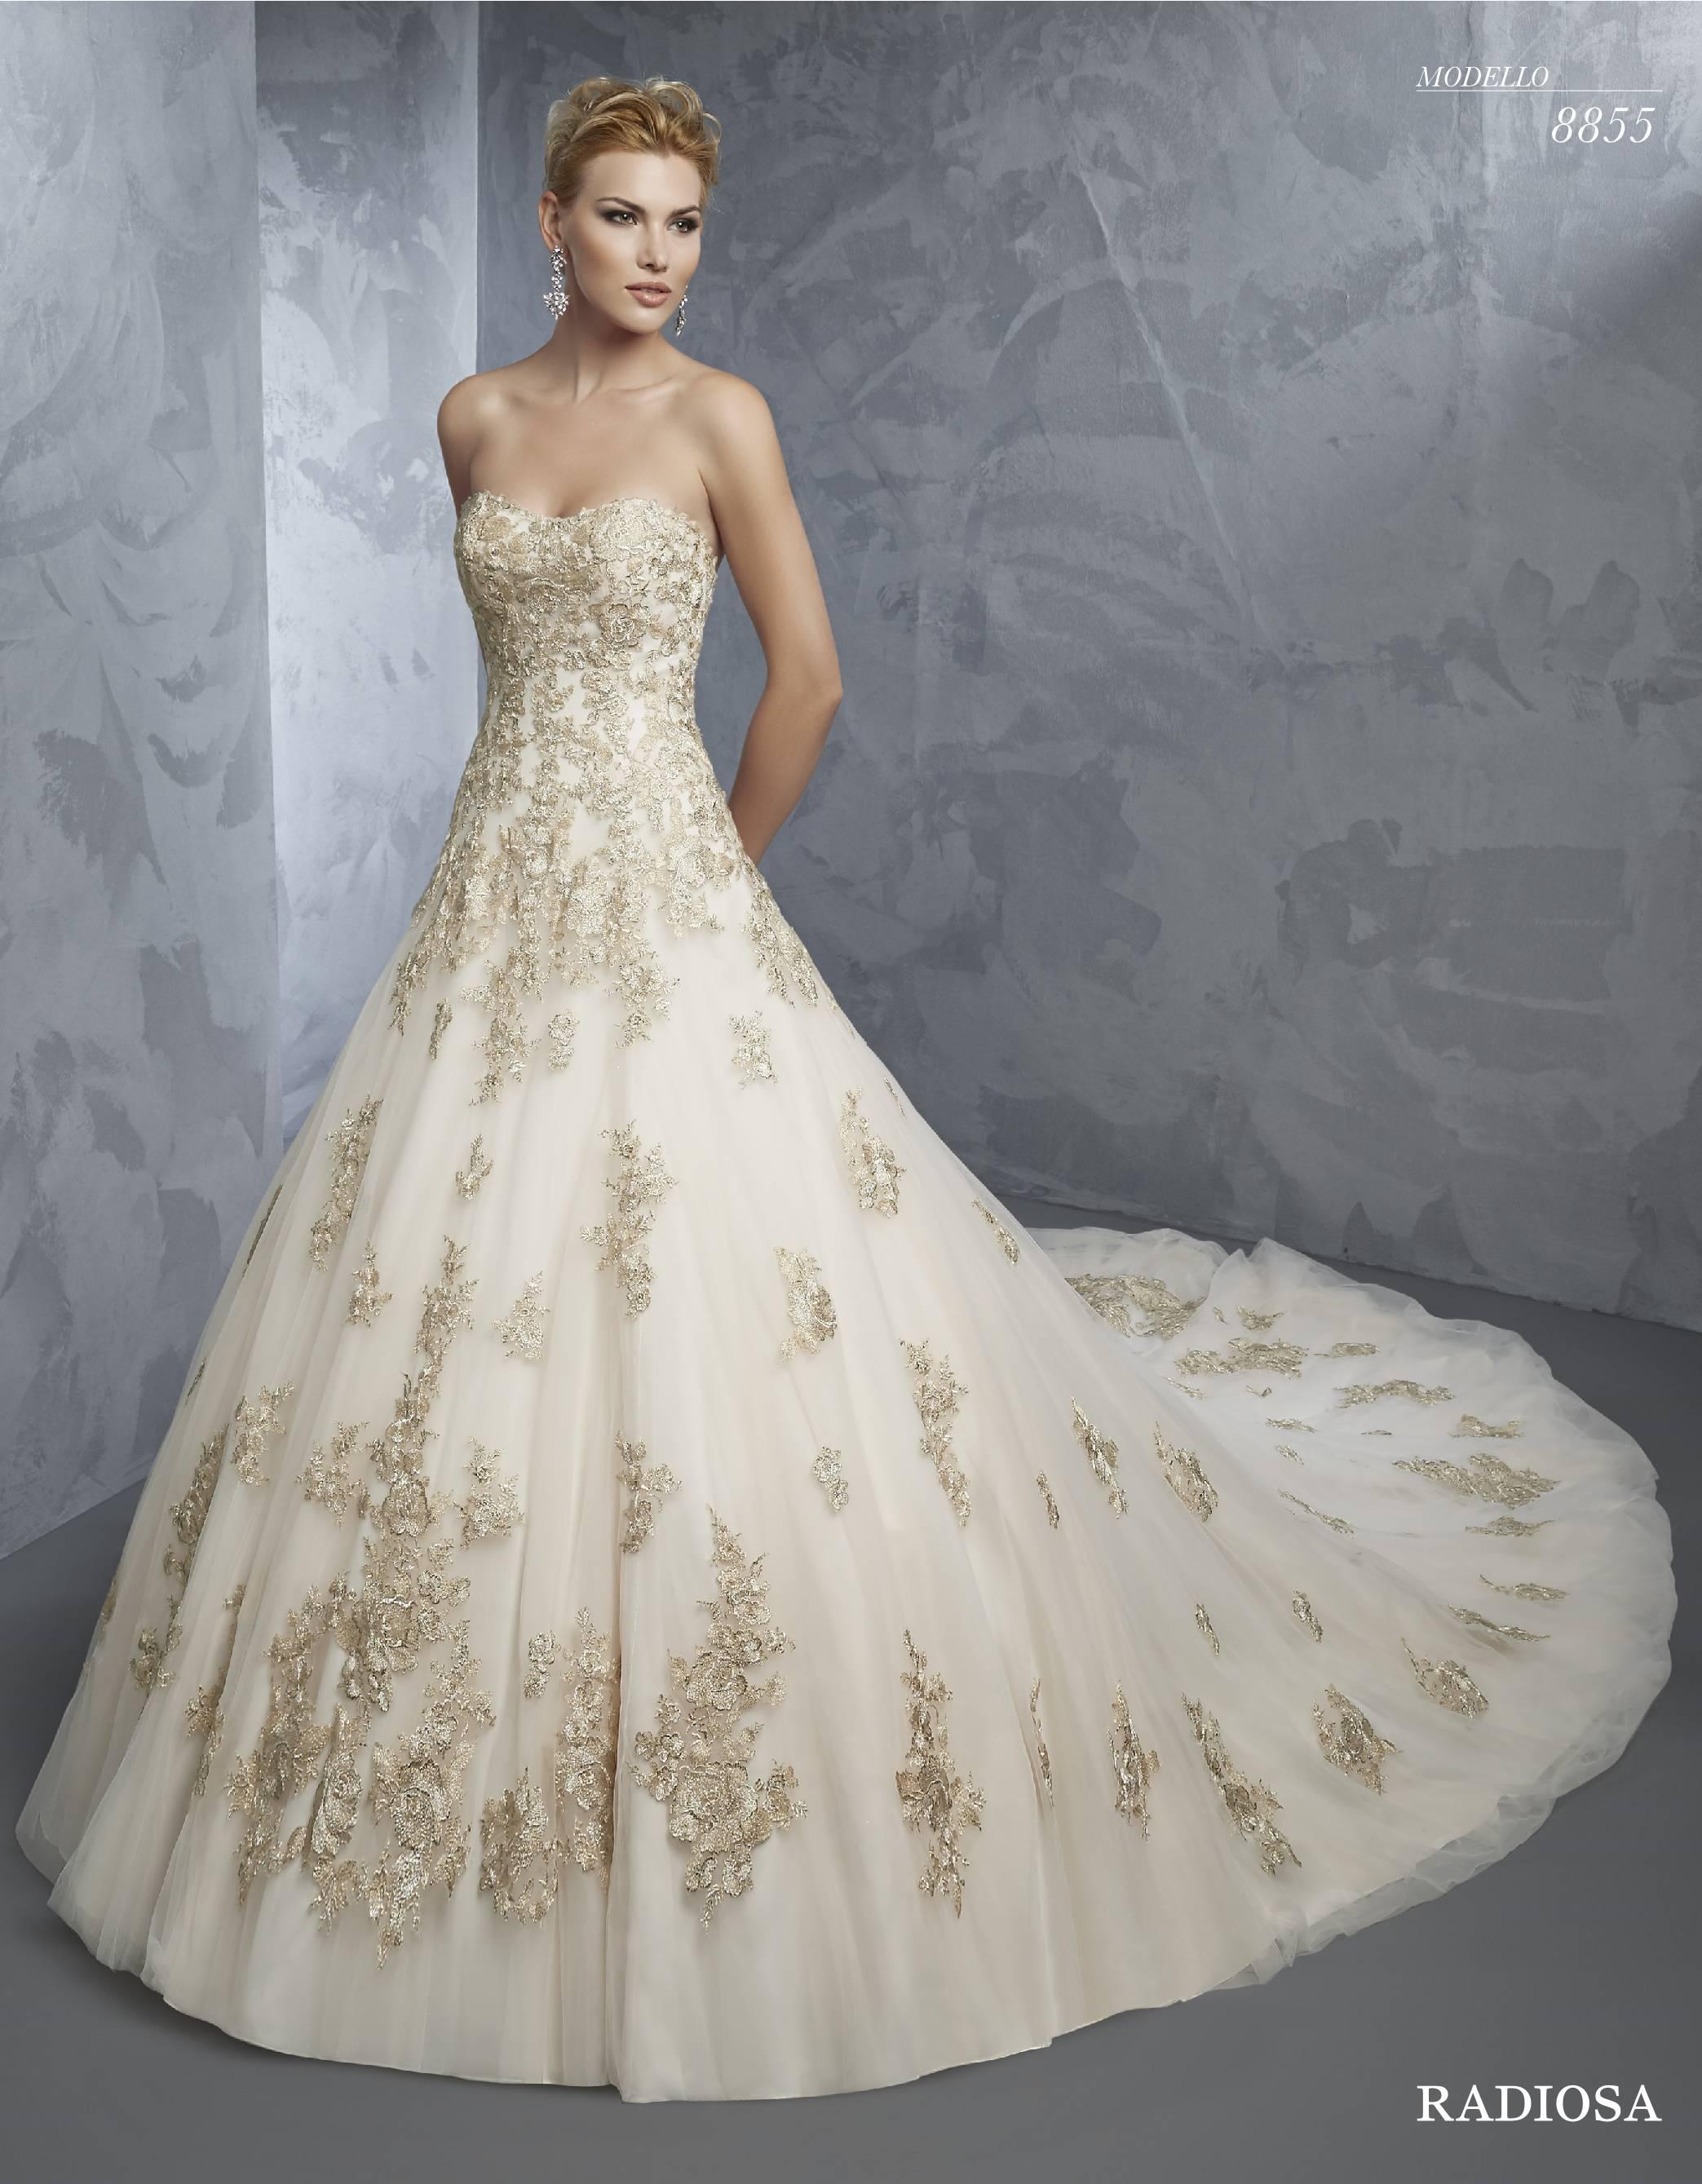 9333bb5755fb Abiti da sposa Radiosa 2018  la nuova collezione